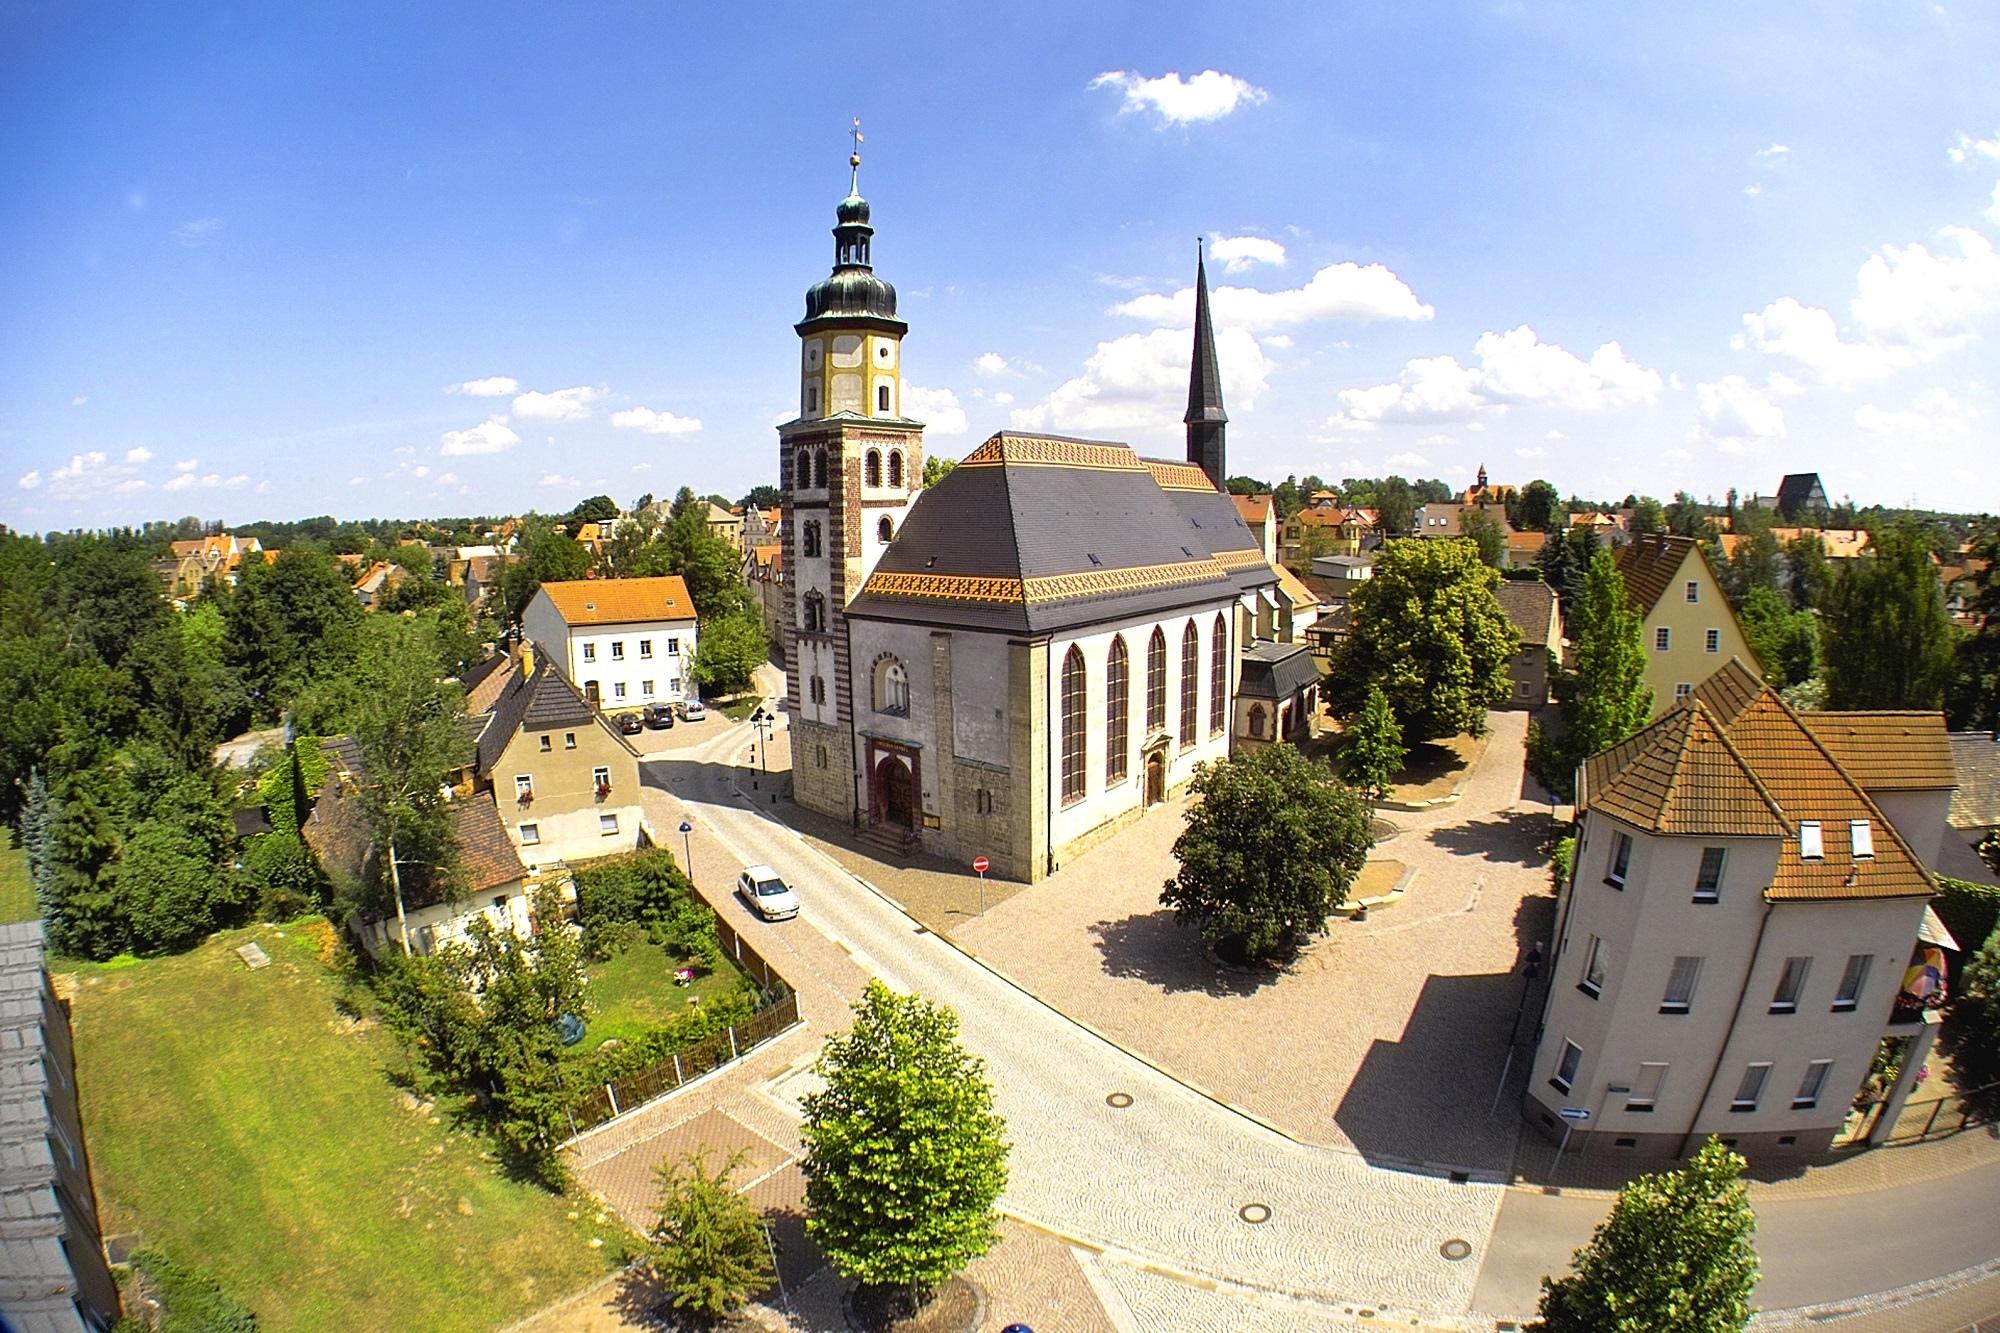 Rötha - Georgenkirche Rötha